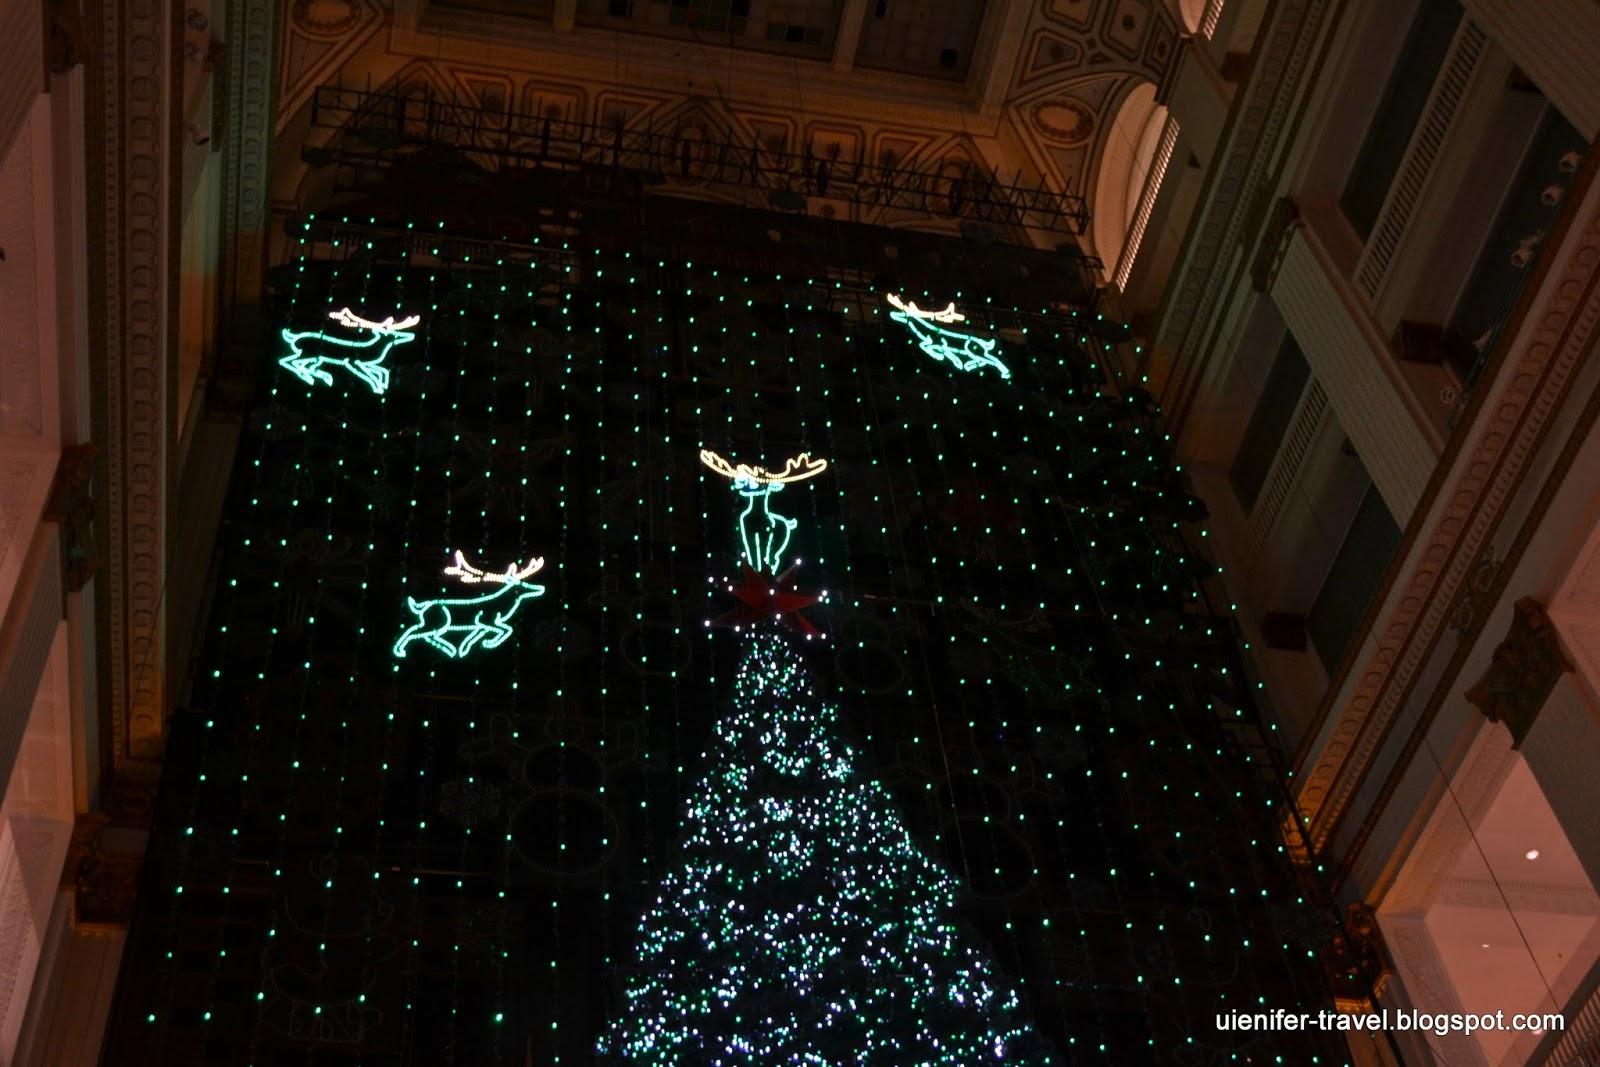 Рождественское шоу в Мейсис, Филадельфия (The Macy's Christmas Light Show at Macy's Center City)